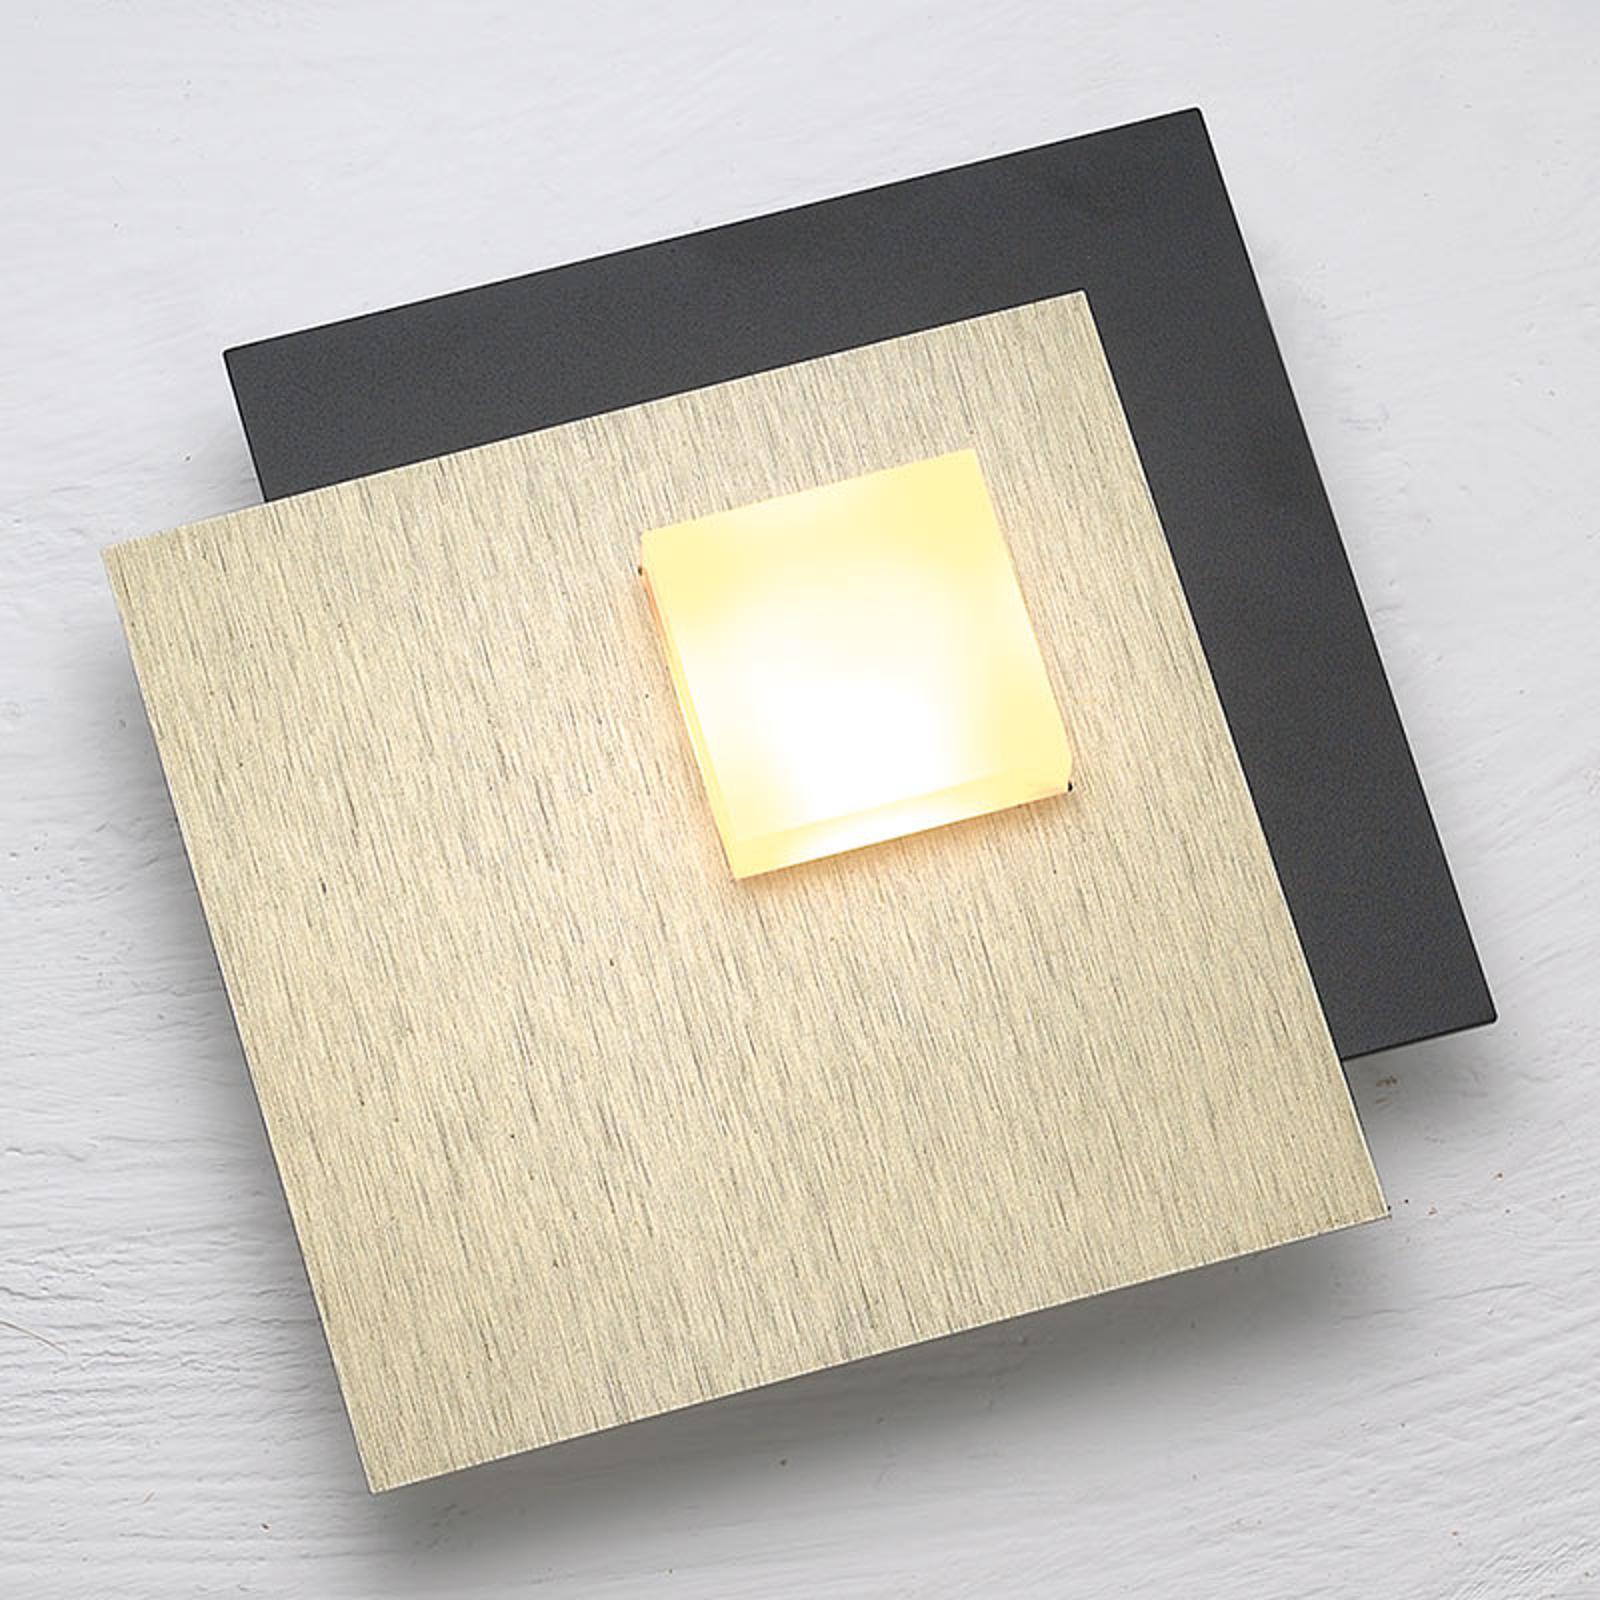 Bopp Pixel 1.0 LED-taklampe 2 lyskilder svart